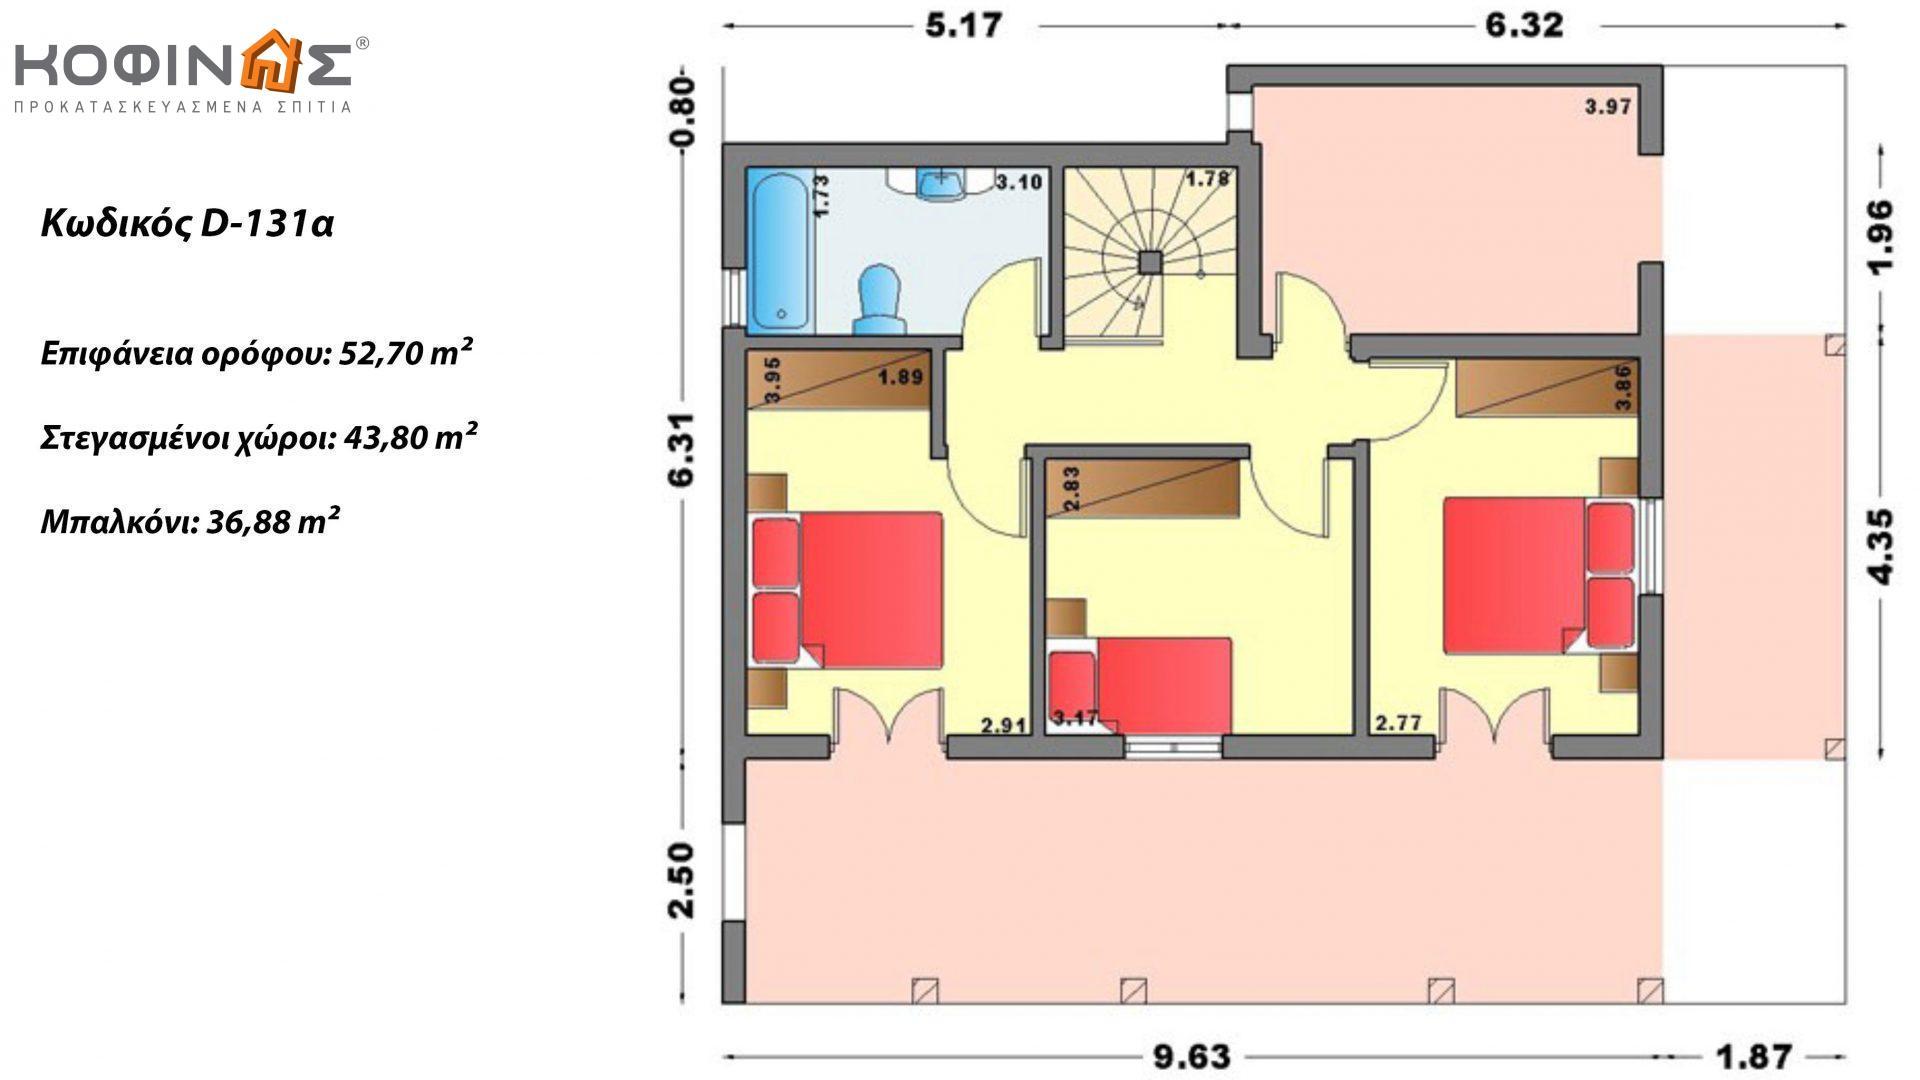 Διώροφη Κατοικία D-131a, συνολικής επιφάνειας 131,50 τ.μ., συνολική επιφάνεια στεγασμένων χώρων 76.70 τ.μ., μπαλκόνια 36.88 τ.μ.